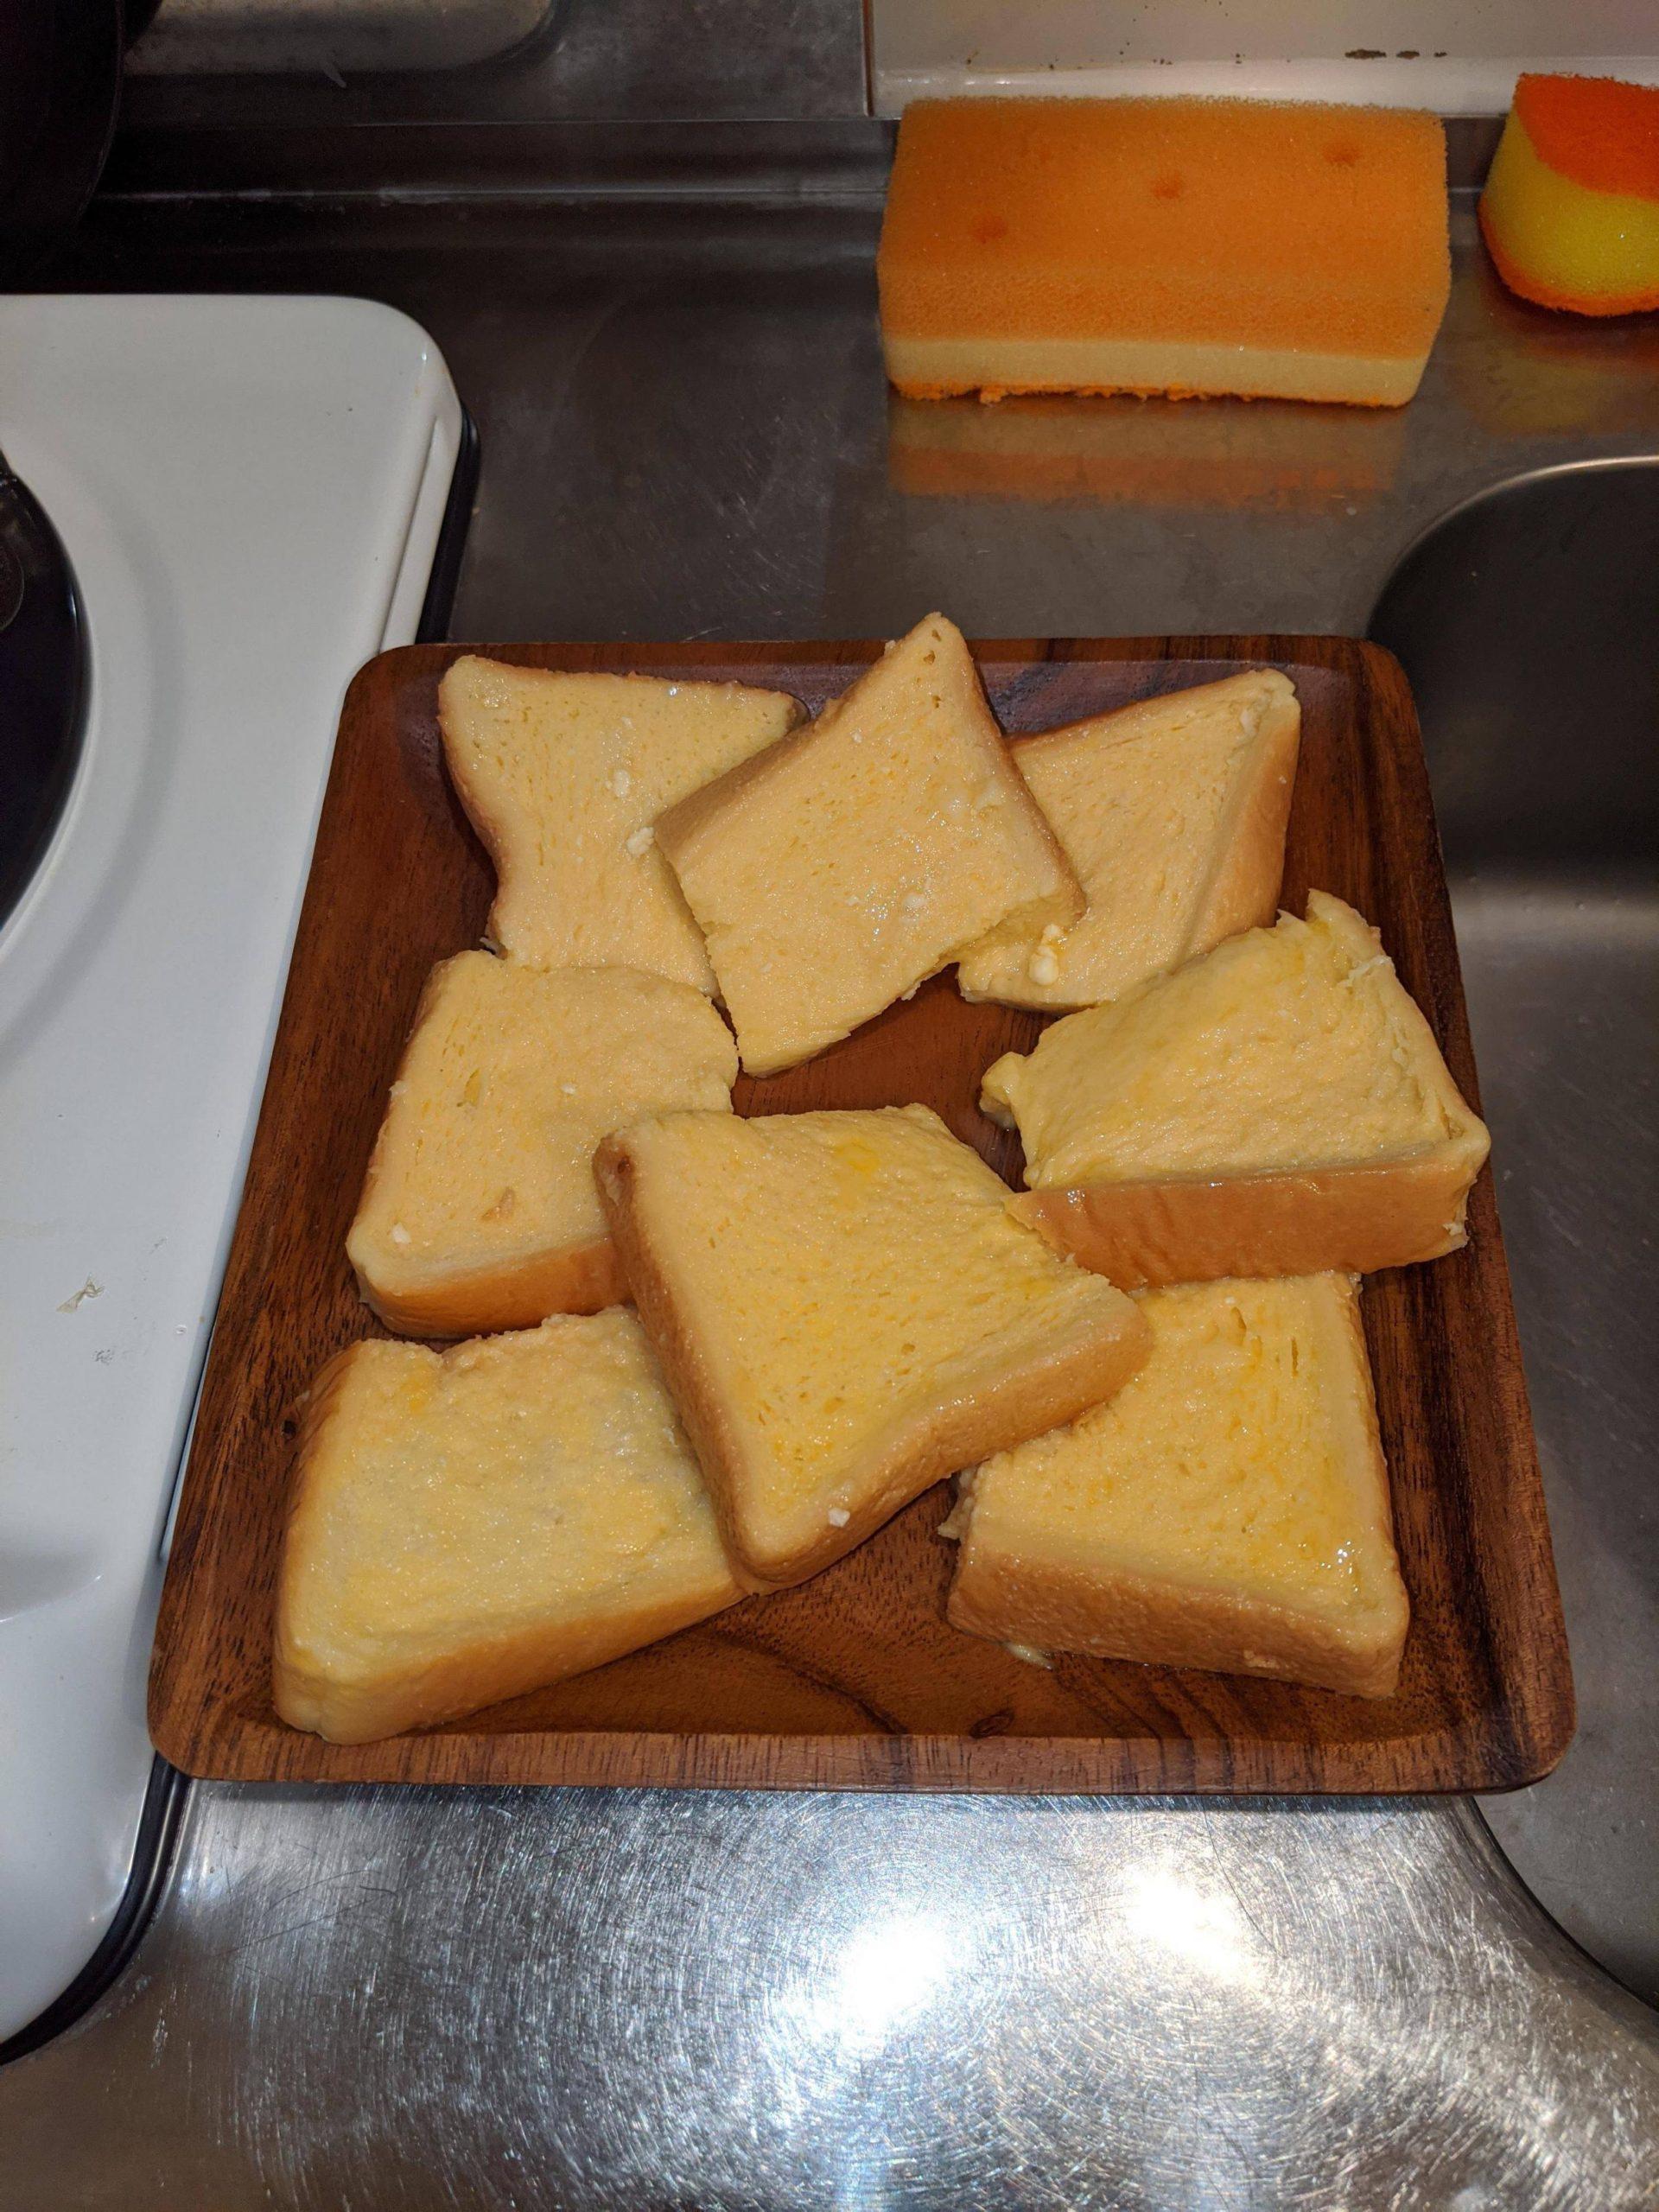 フレンチトースト作ろうと思うんだが液に浸すの30分くらいでいいの?